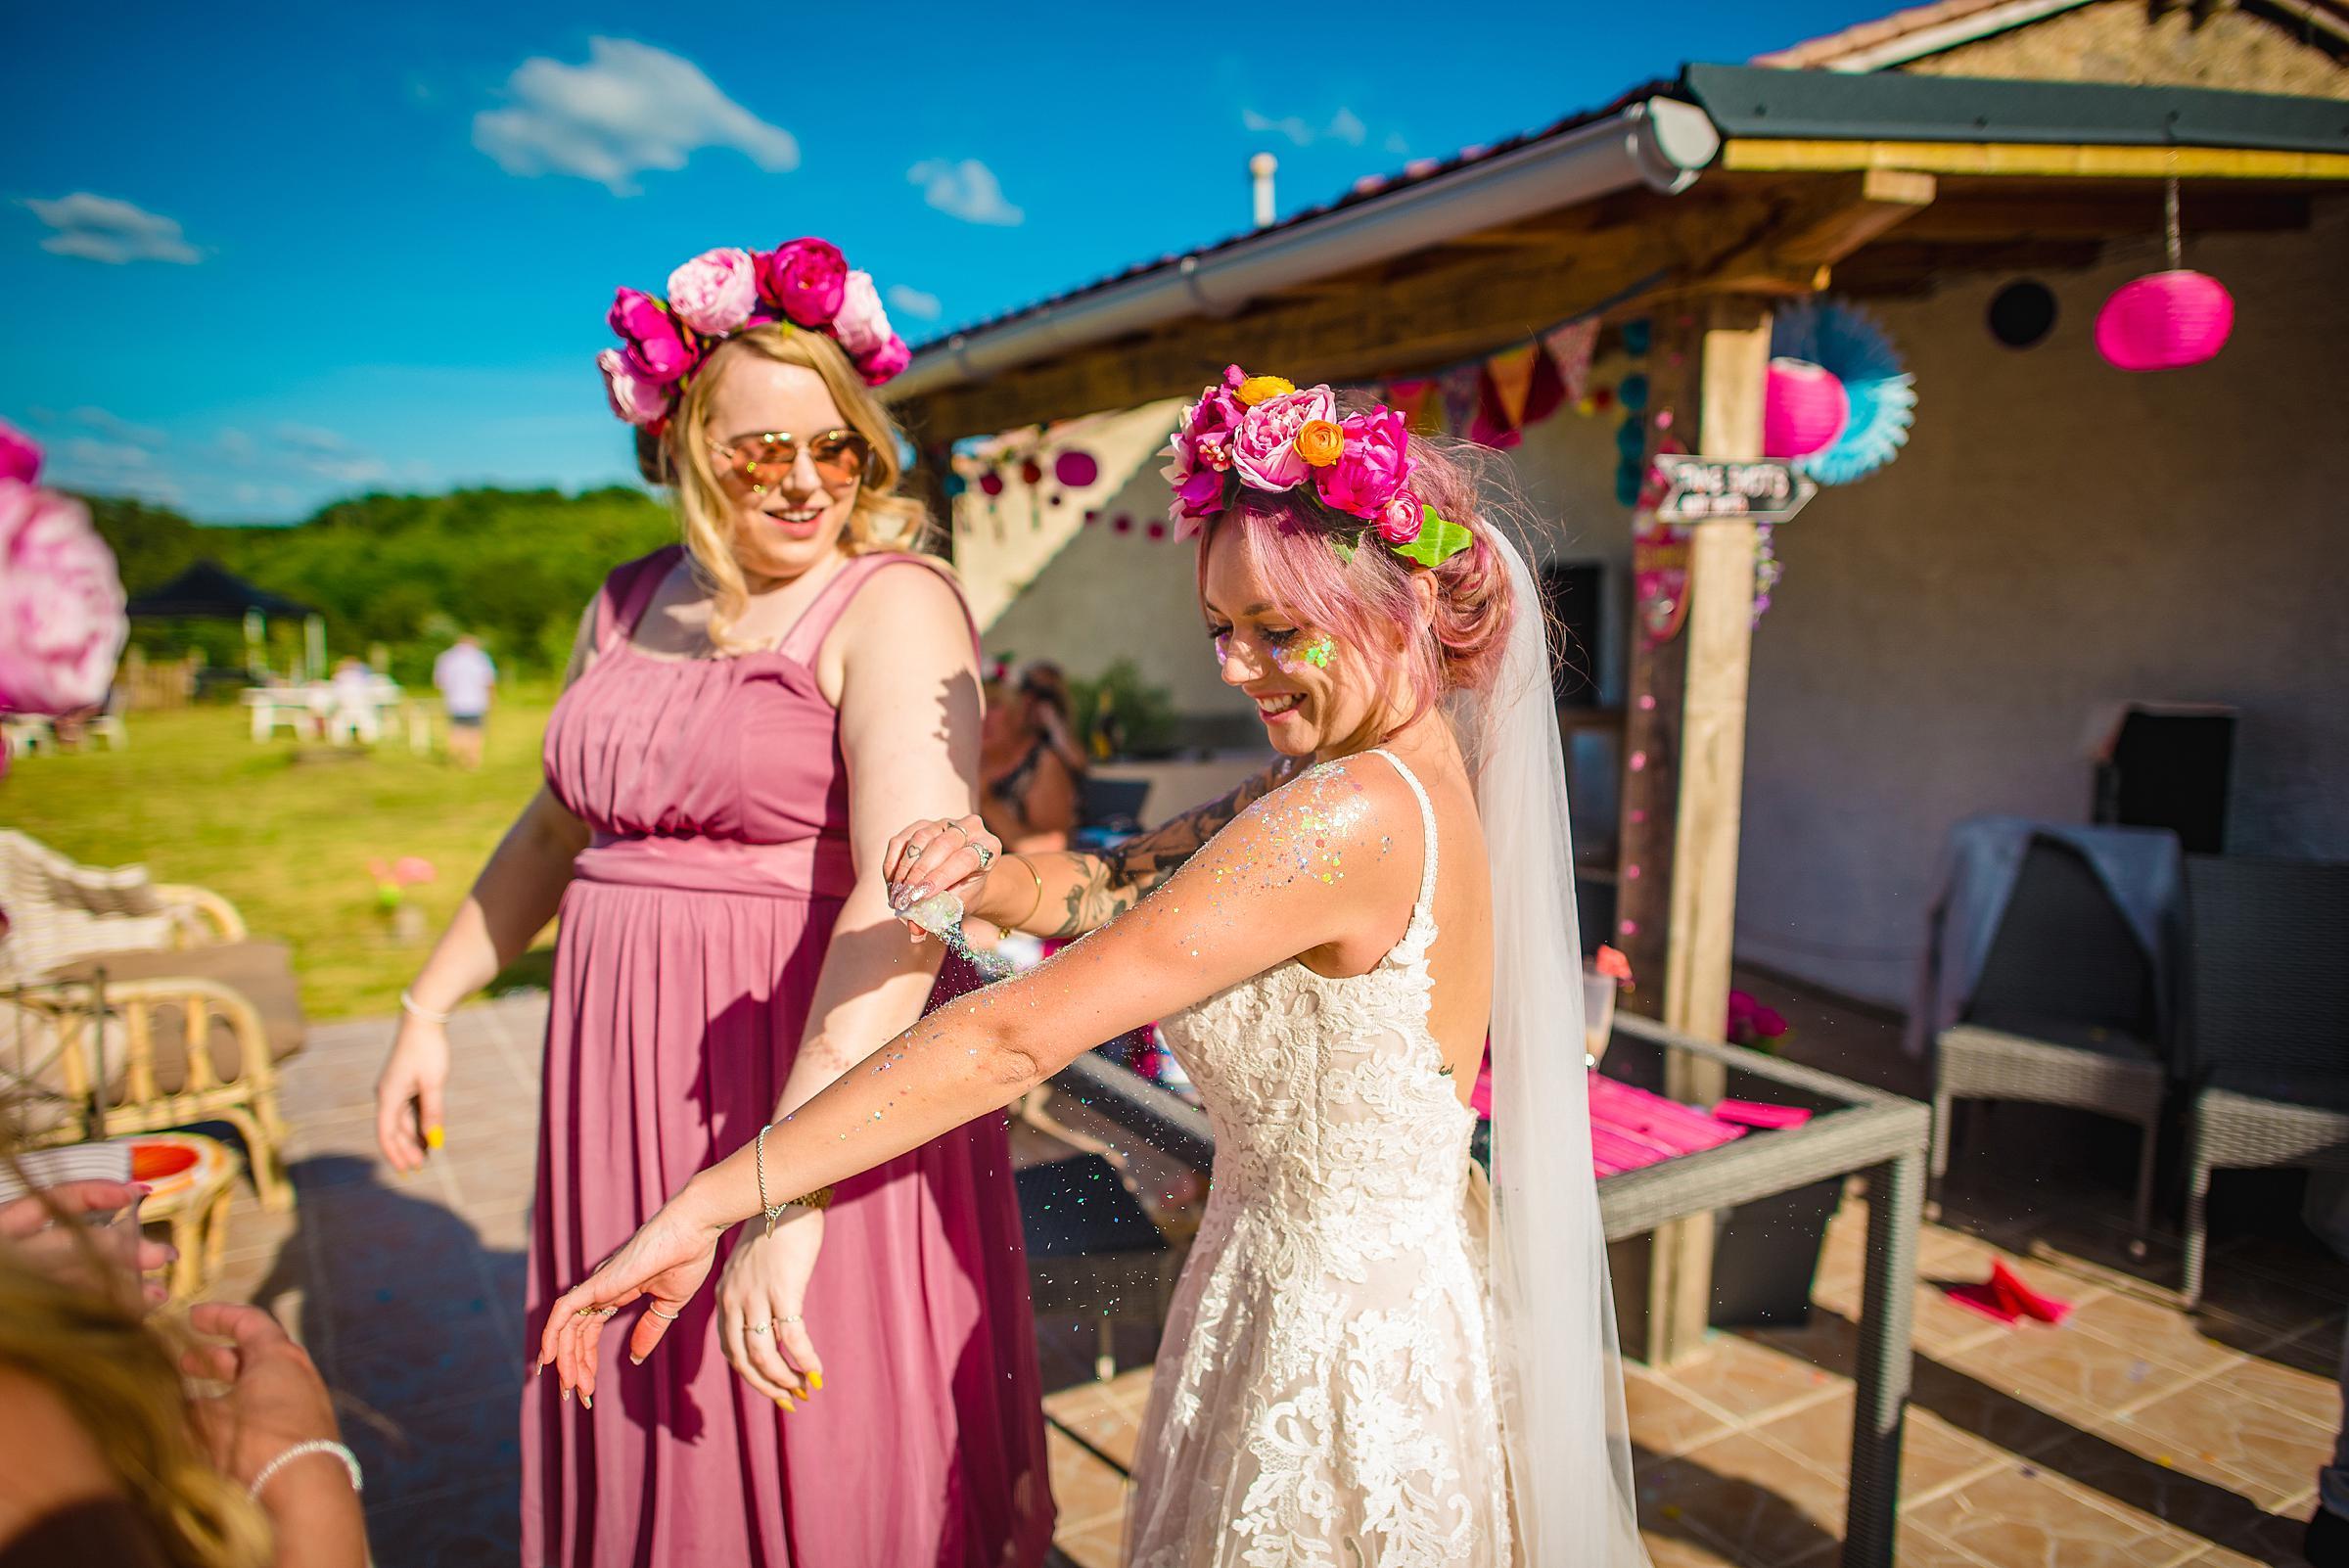 Back Garden Festival Wedding in France - Glittered Bride